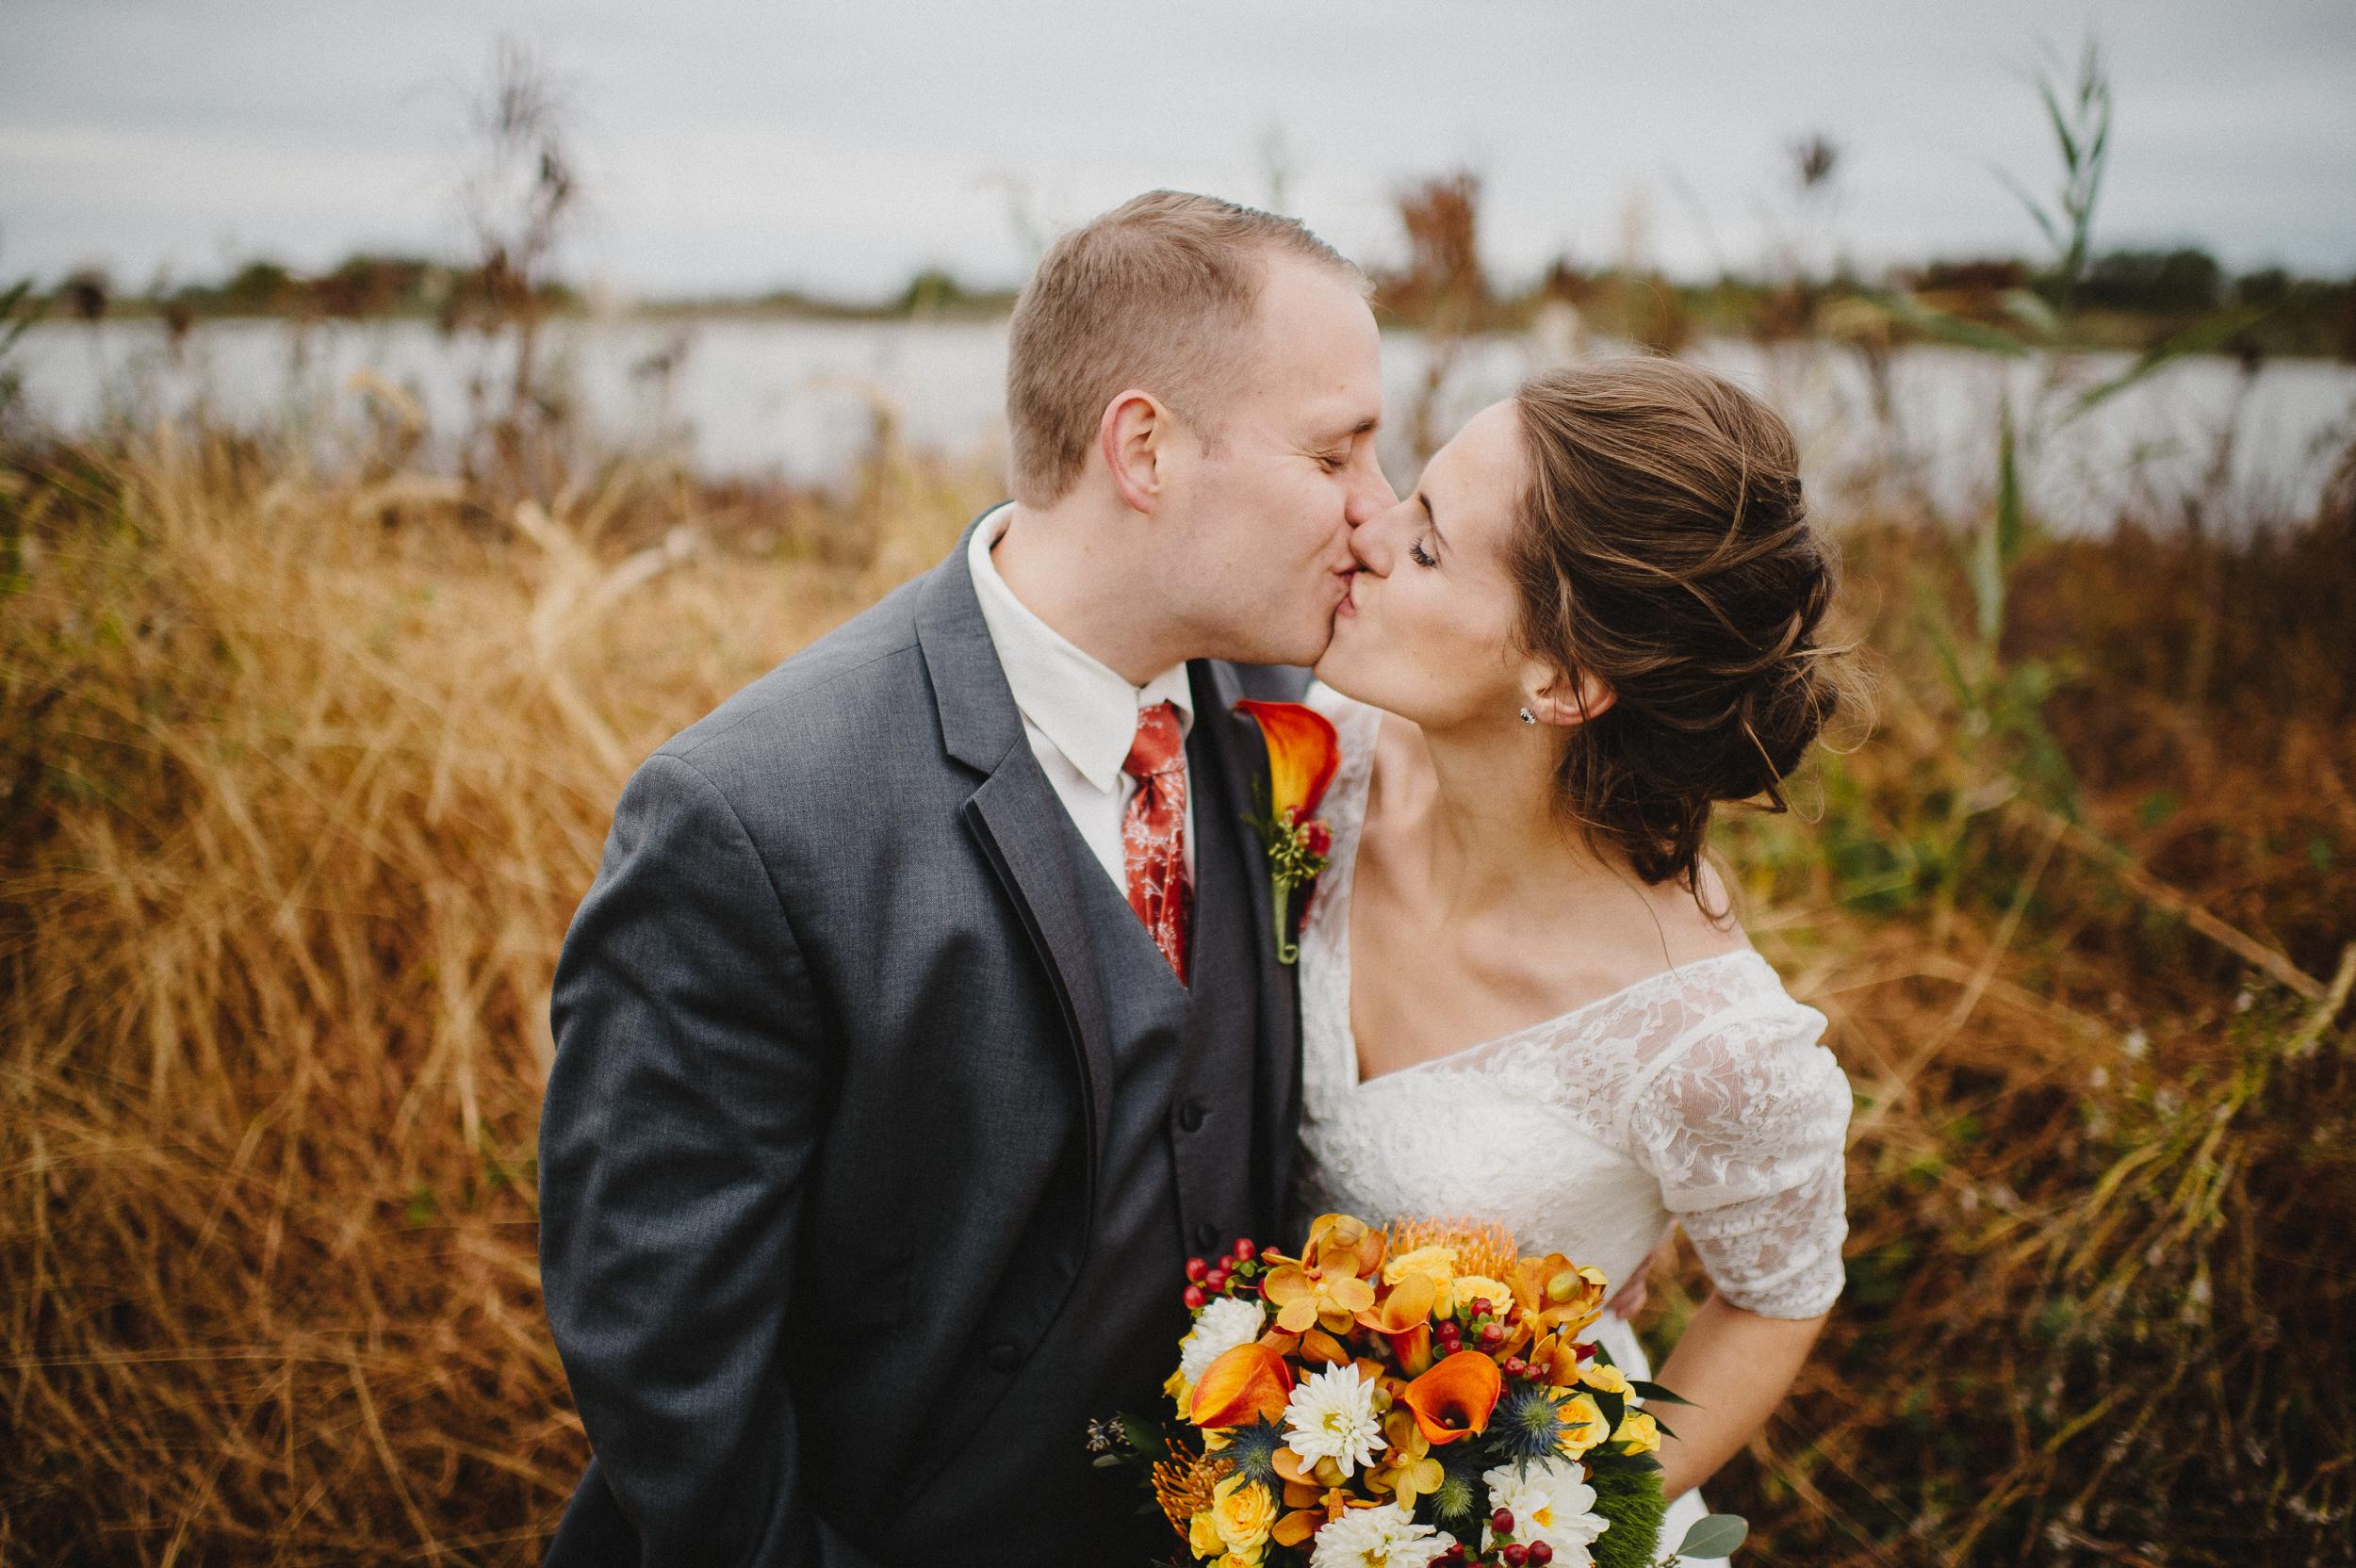 thousand-acre-farm-wedding-photographer-55.jpg